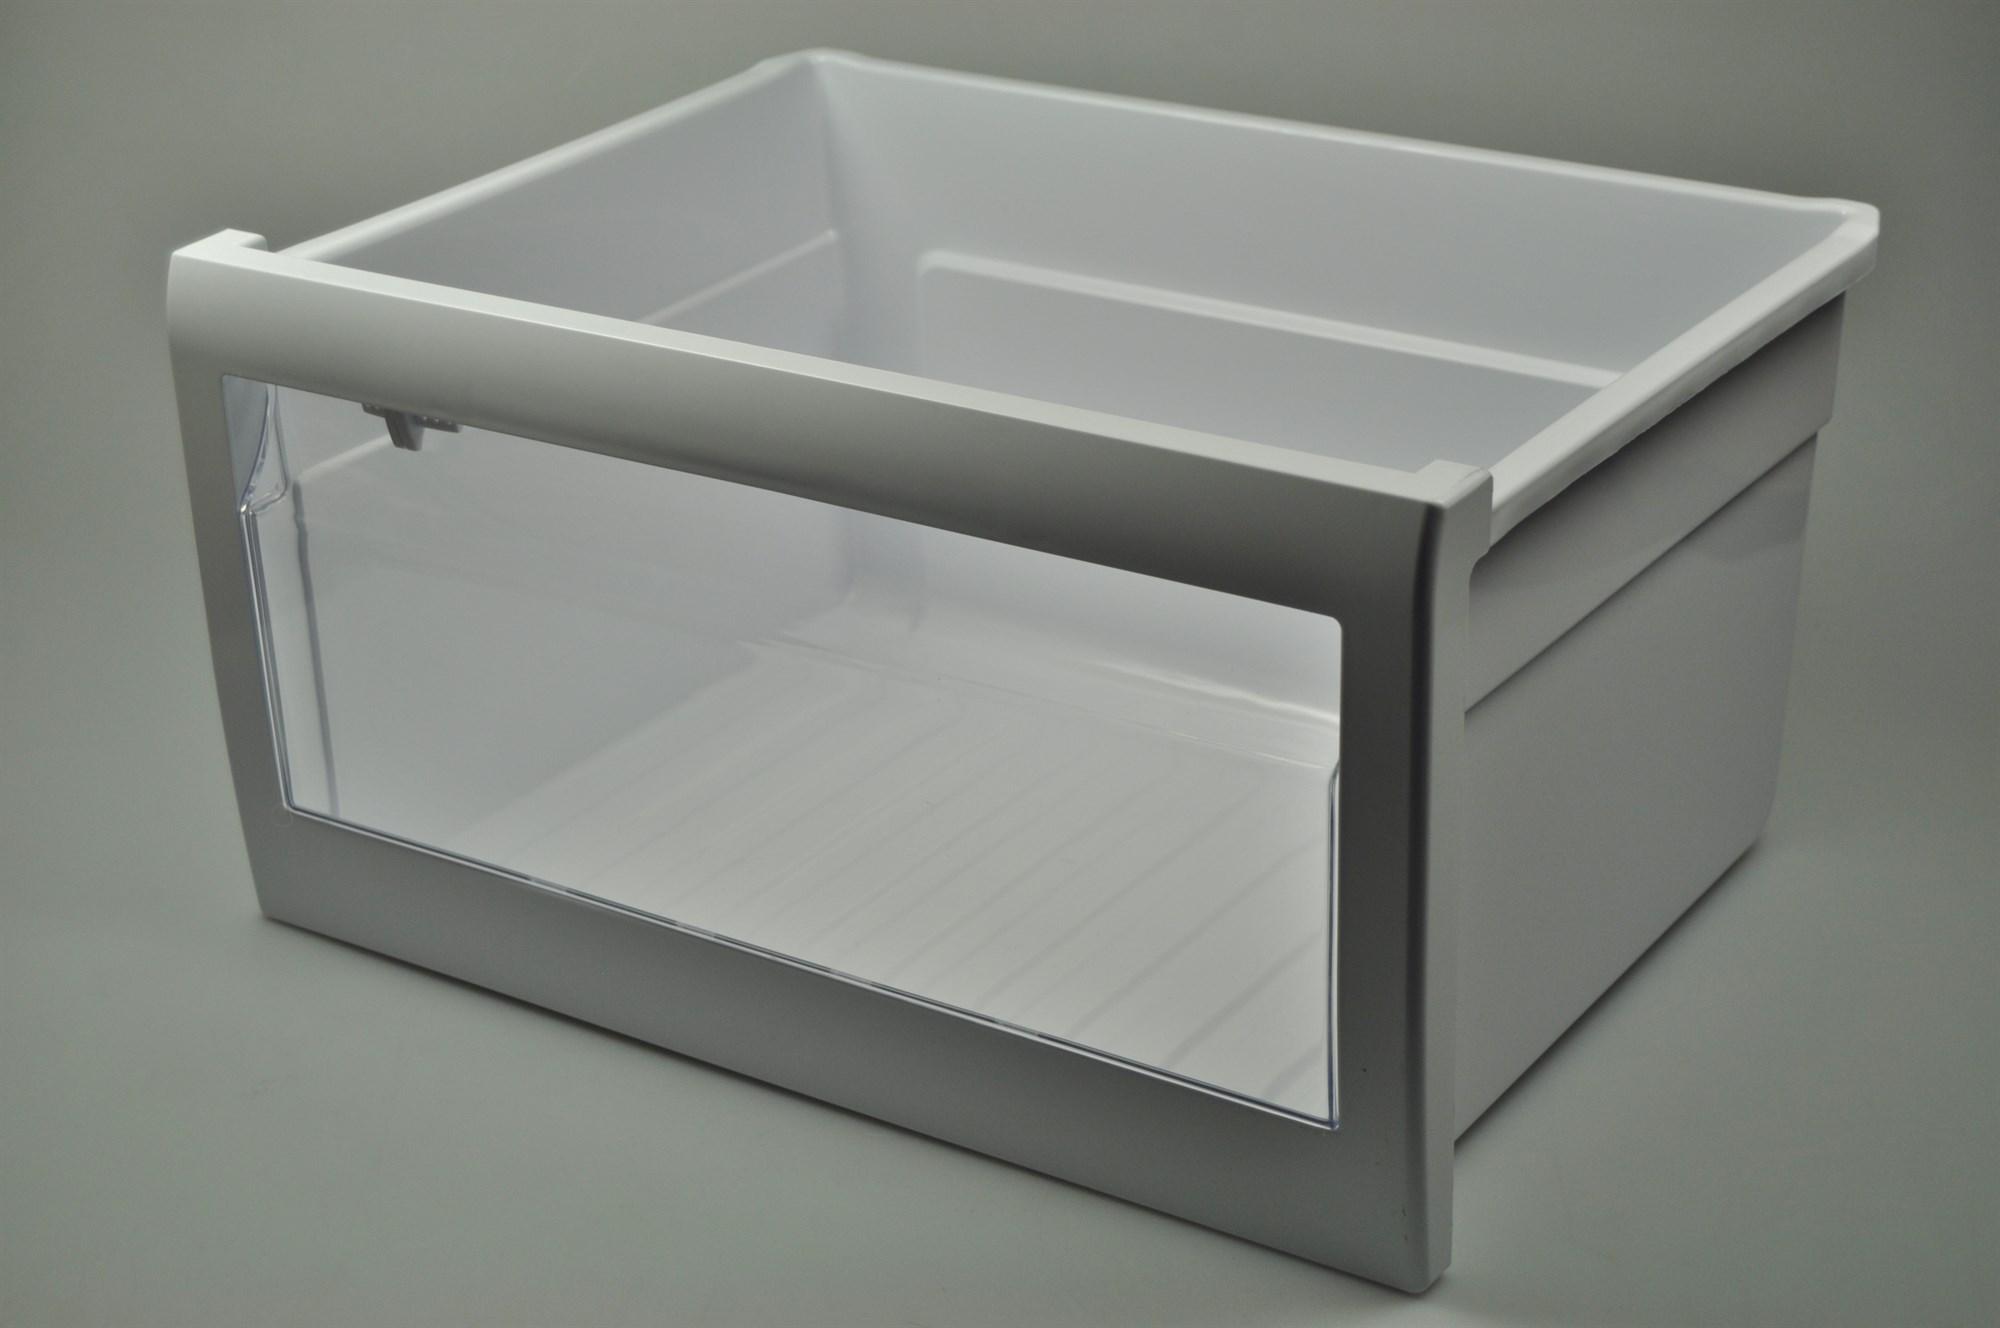 Kühlschrank Zubehör Samsung : Gemüseschublade samsung side by side kühlschrank